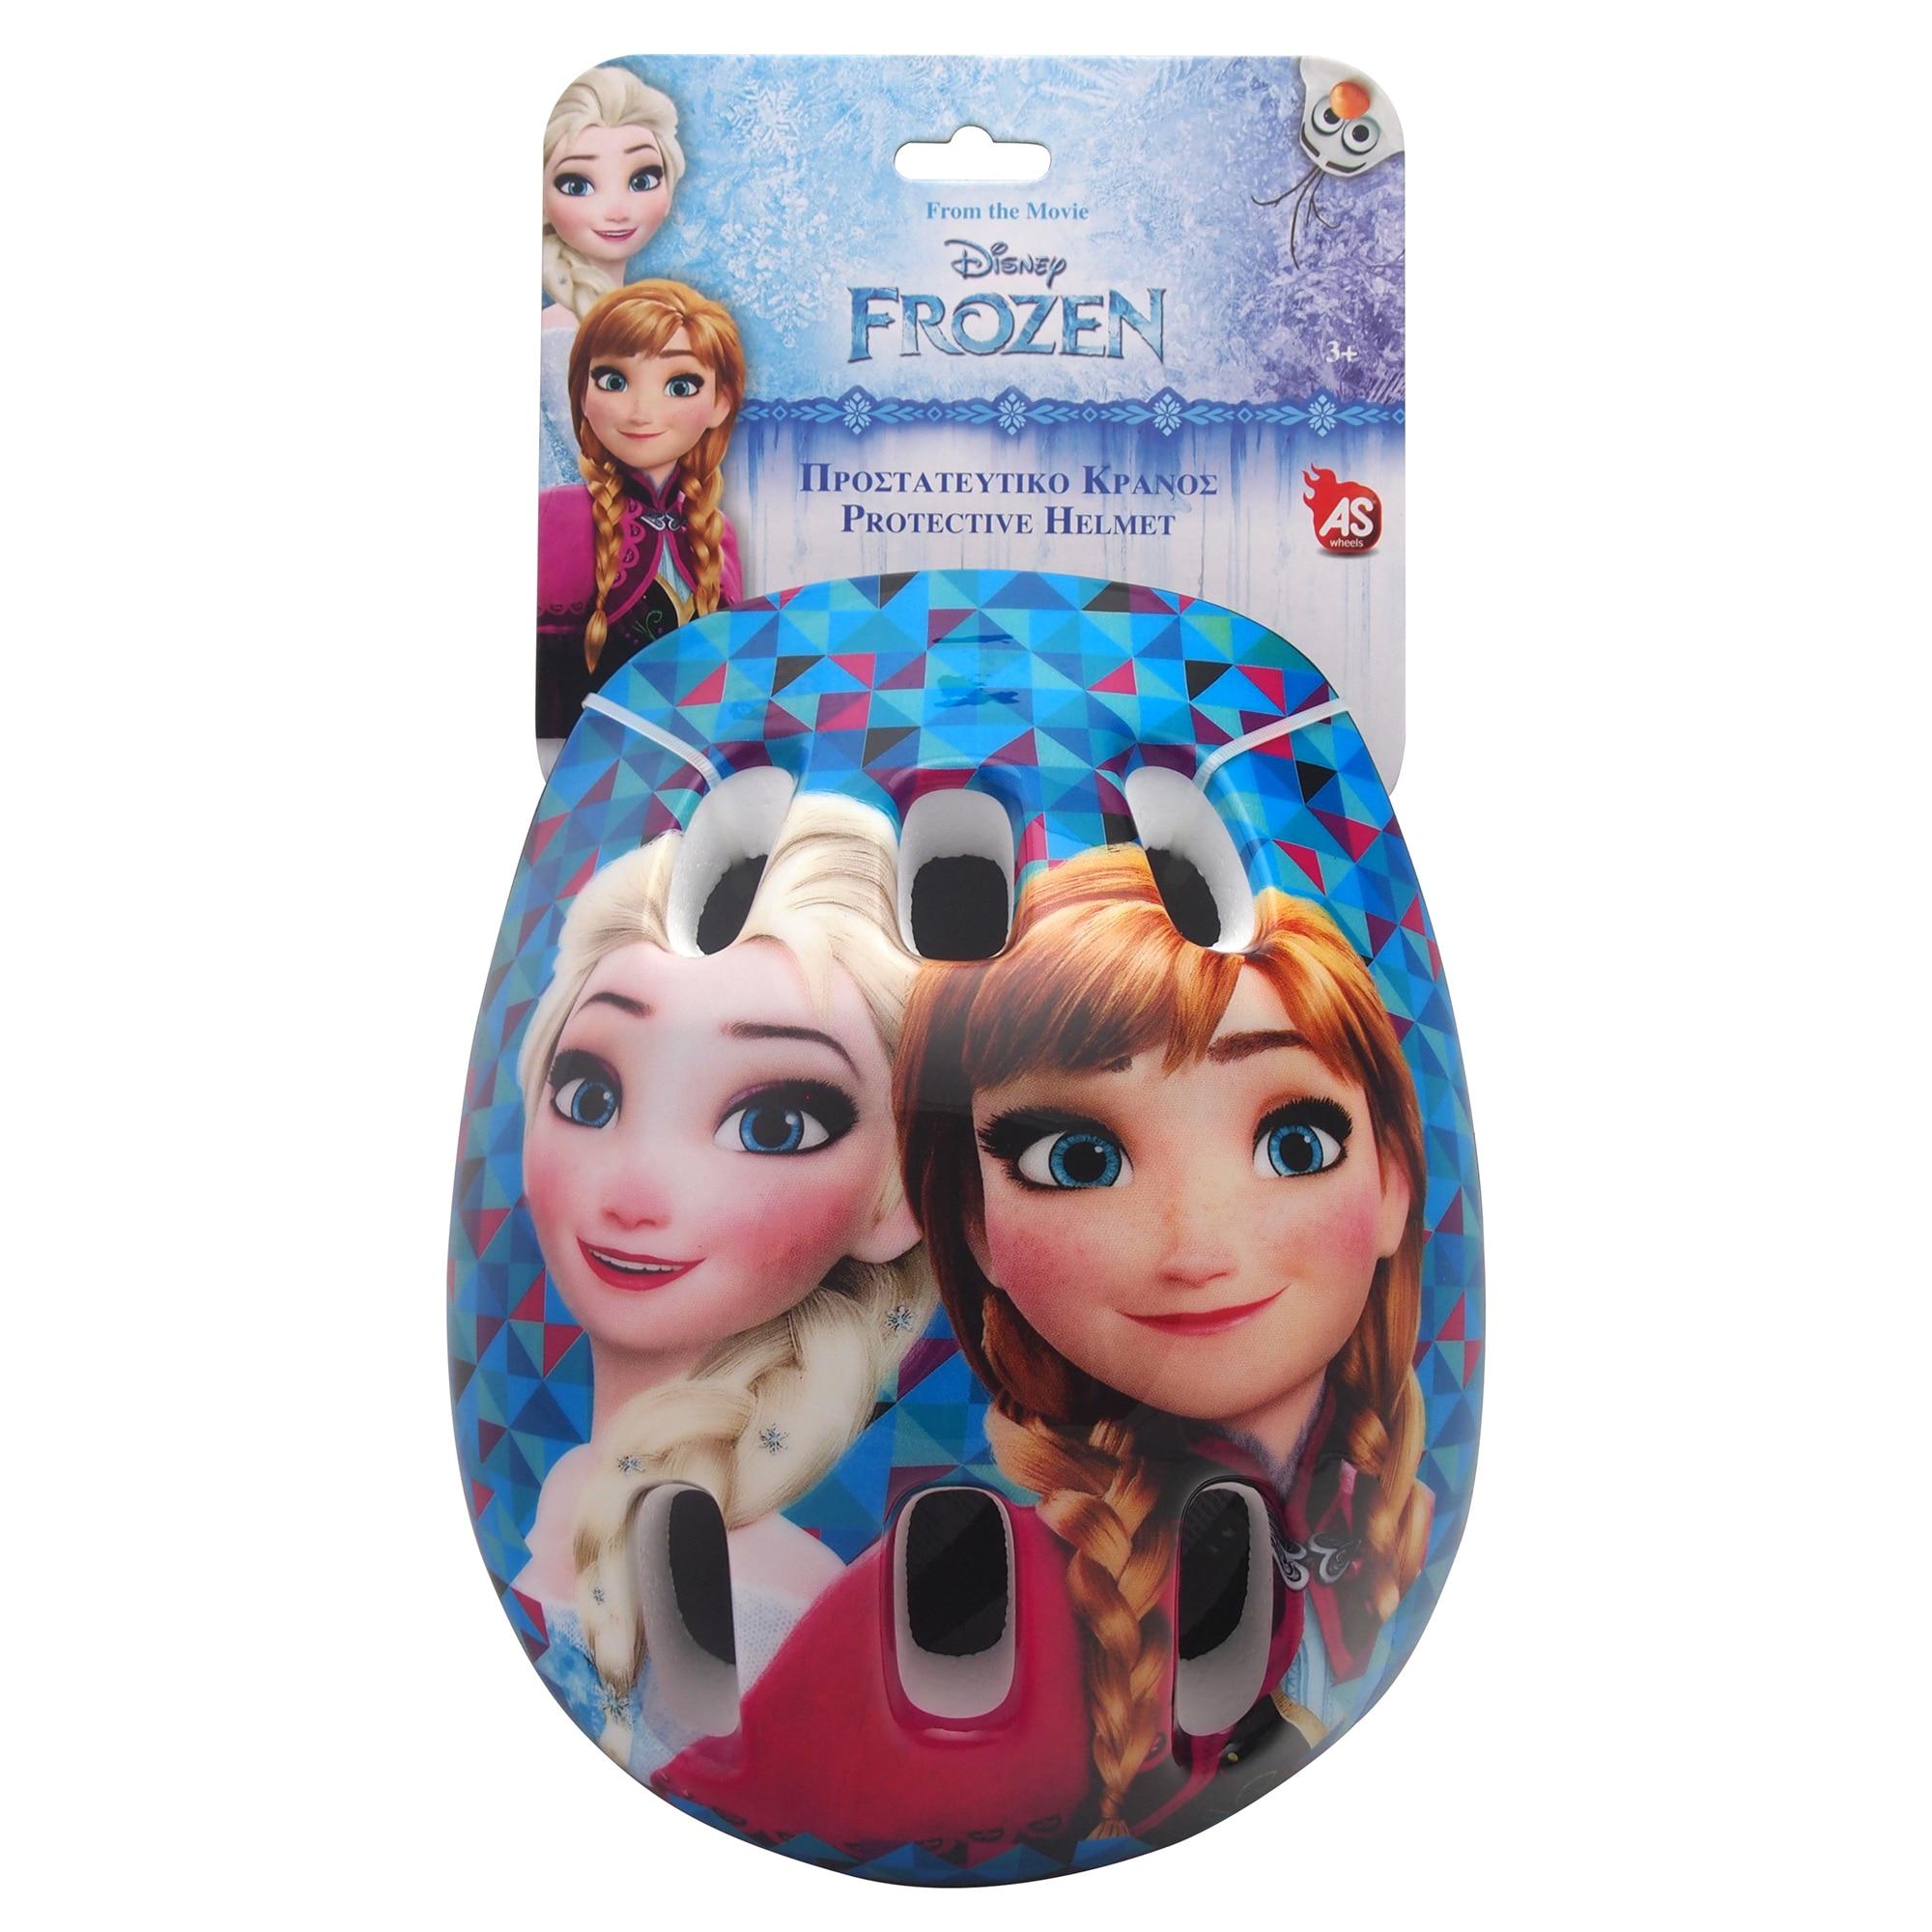 Fotografie Casca de protectie AS Frozen, 3+ ani